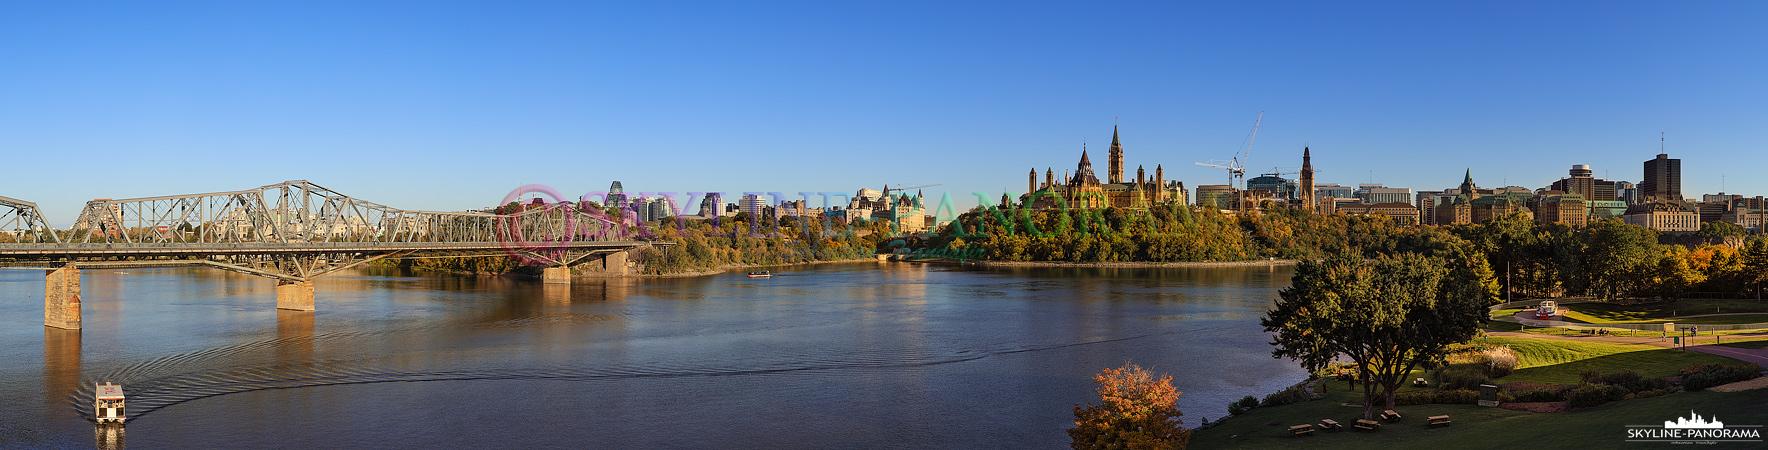 Die Hauptstadt Kanadas als Panorama im Schein der untergehenden Sonne. Der Blick geht von Gatineau aus in Richtung des Ottawa River und des Parlamentshügels.